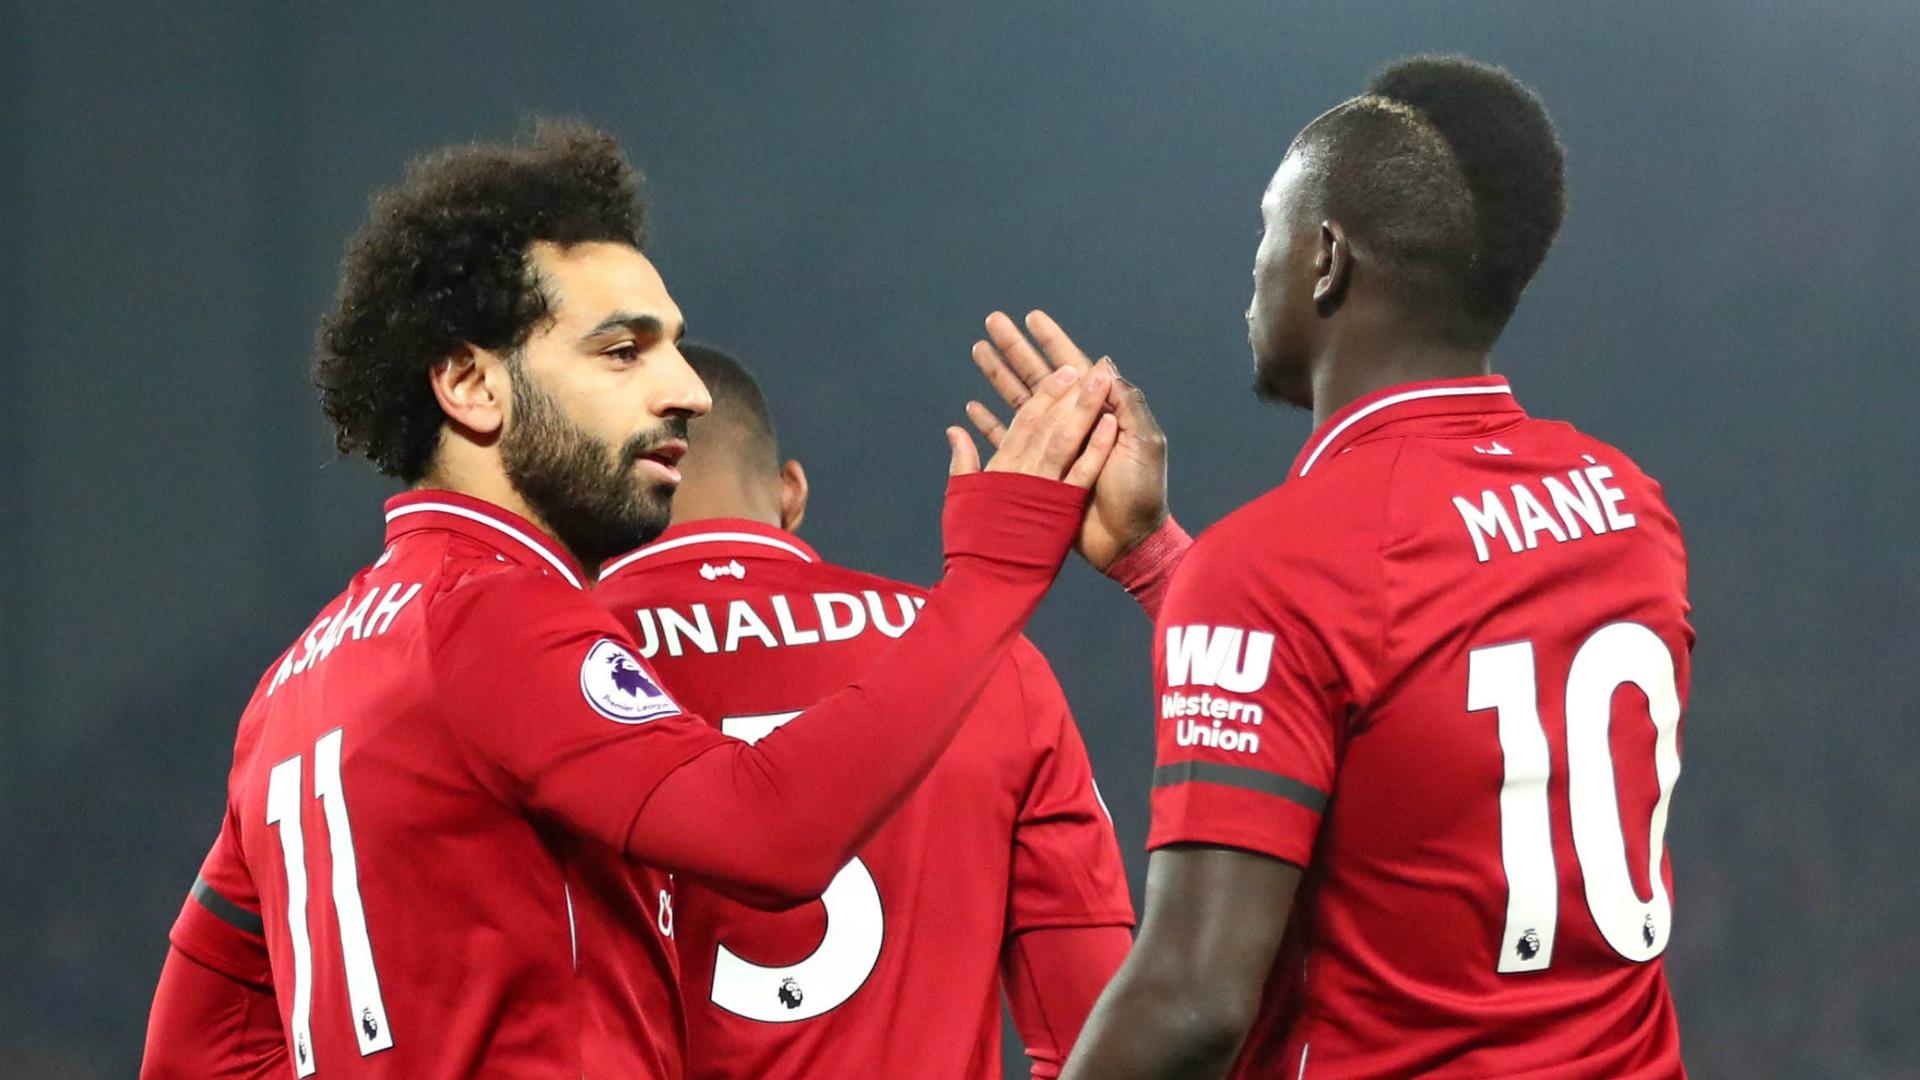 استبعاد محمد صلاح ودخول ماني للمرشحين لأحسن لاعب في الدوري الإنجليزي